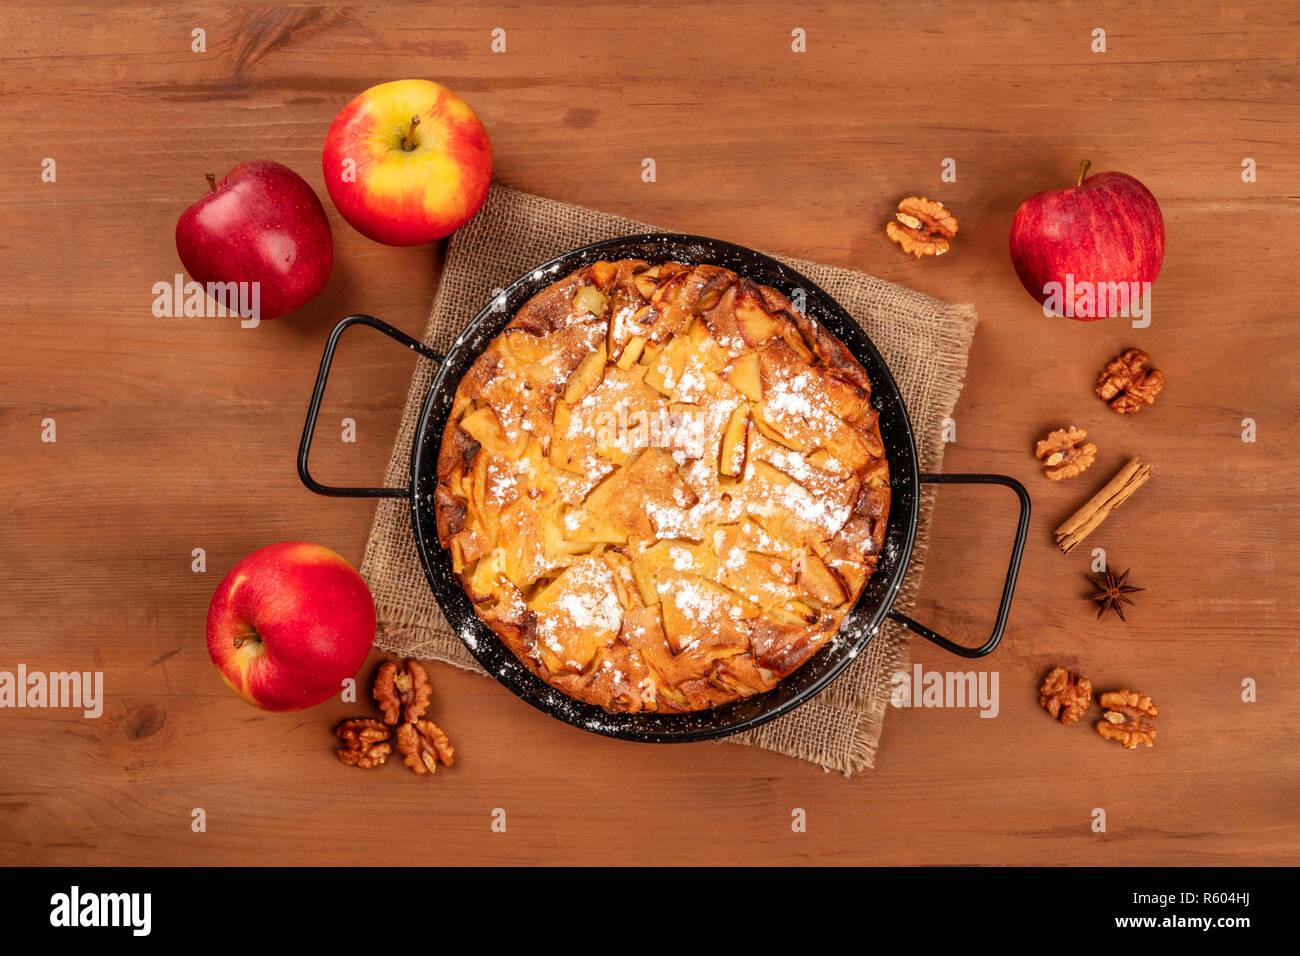 Ein apfelkuchen in der Pfanne, aus den Top Shot auf einem dunklen Holzmöbeln im Landhausstil Hintergrund mit Äpfeln, Nüssen, Zimt, Anis, und kopieren Sie Platz Stockfoto